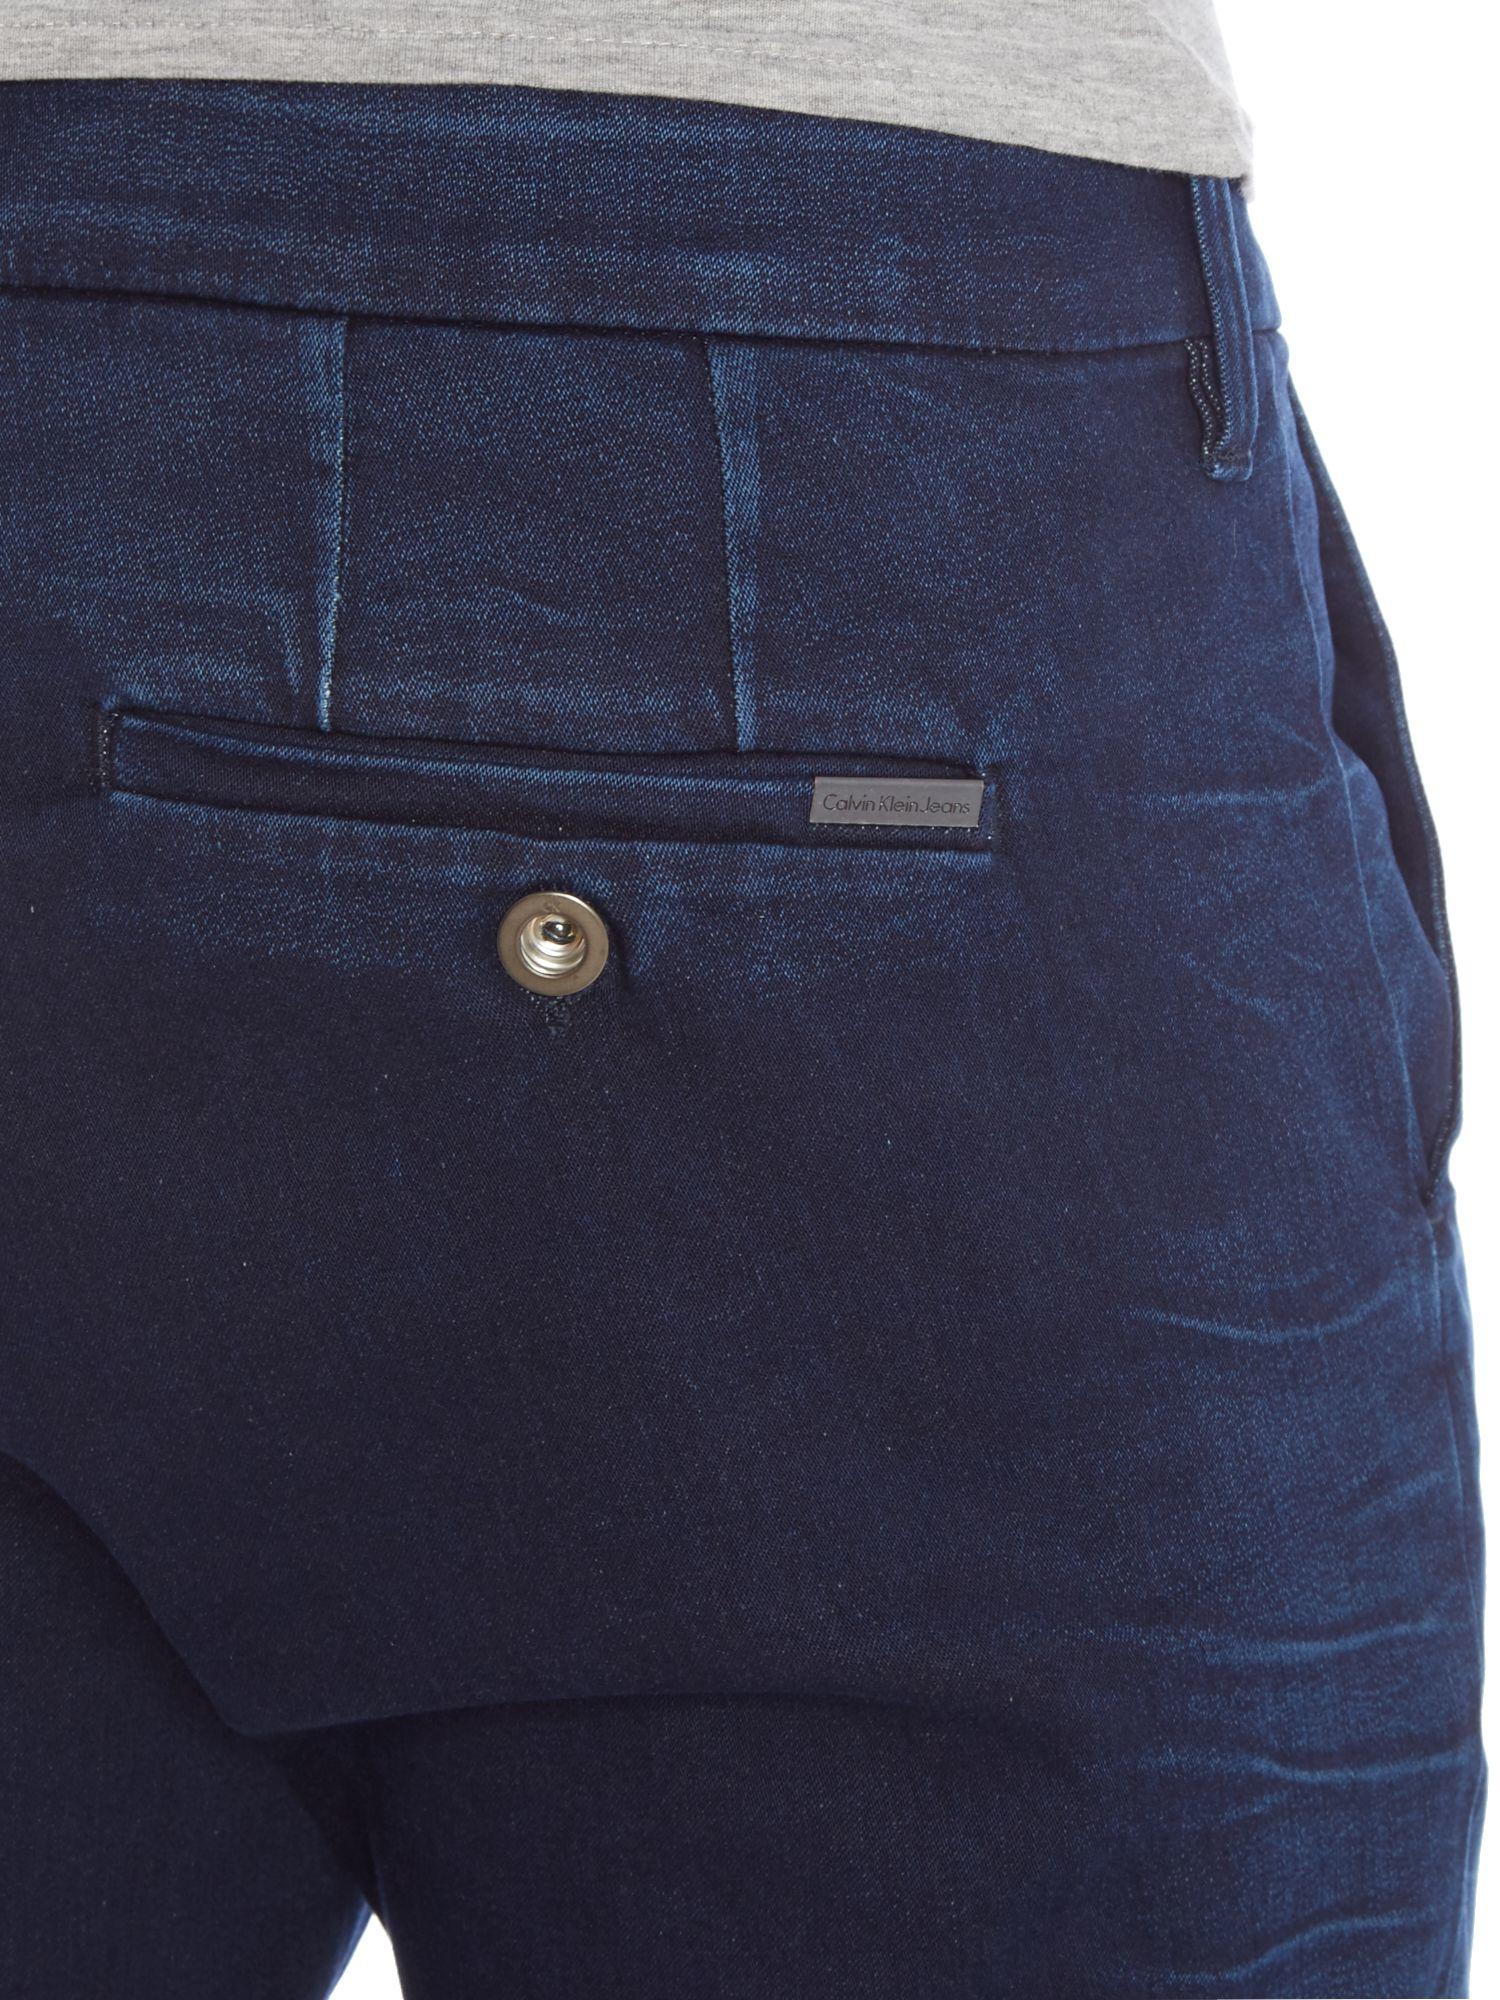 Modern Jeans For Men